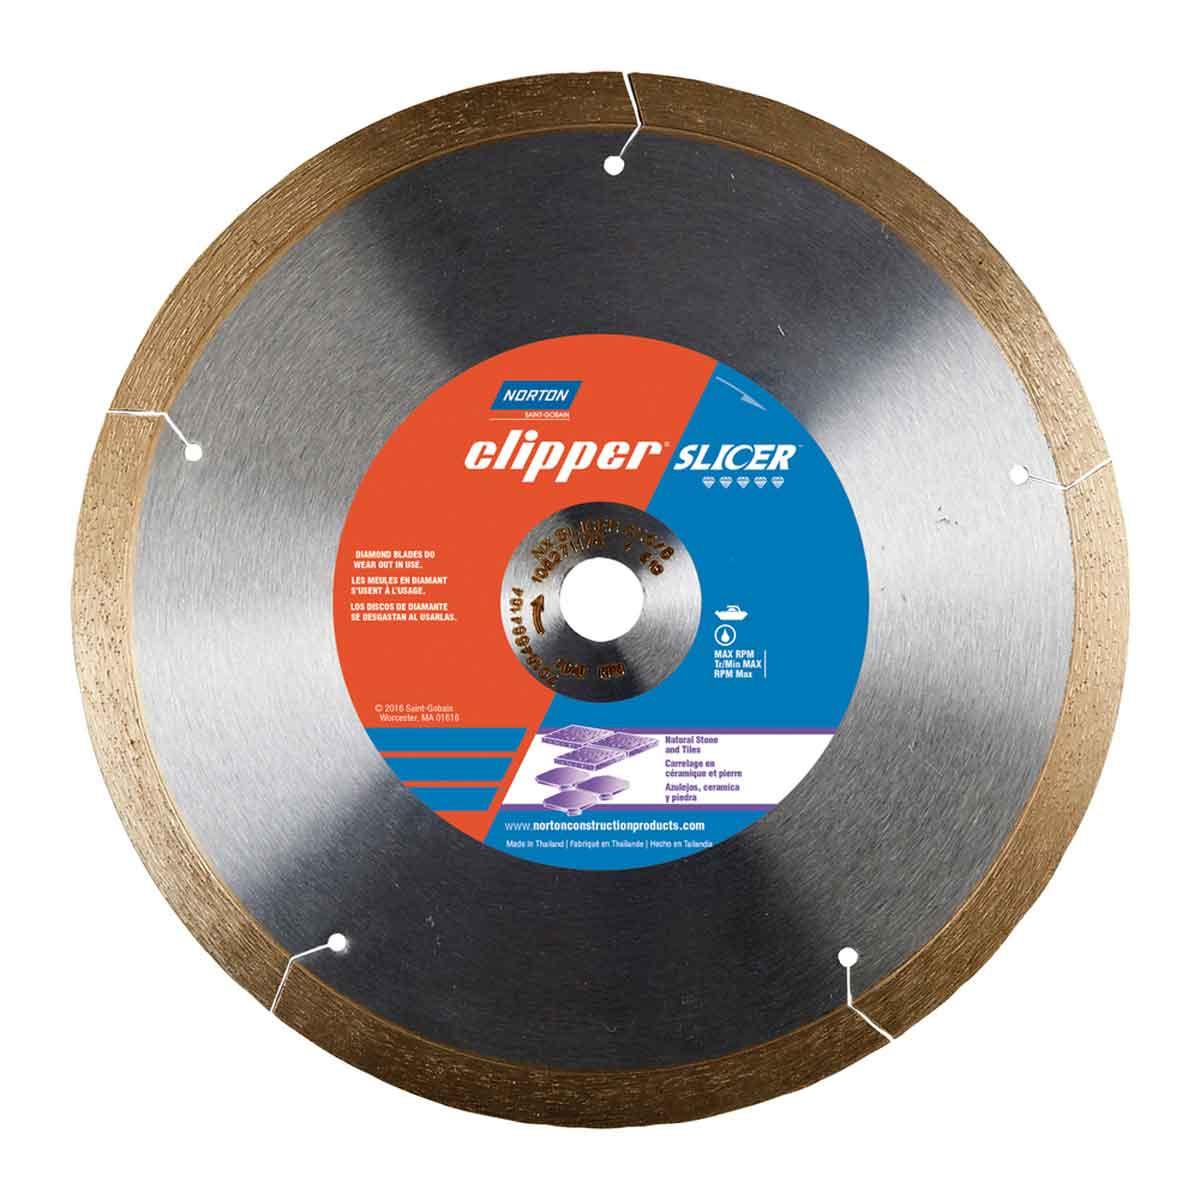 Norton Clipper Slicer Diamond ceramic tile Blade